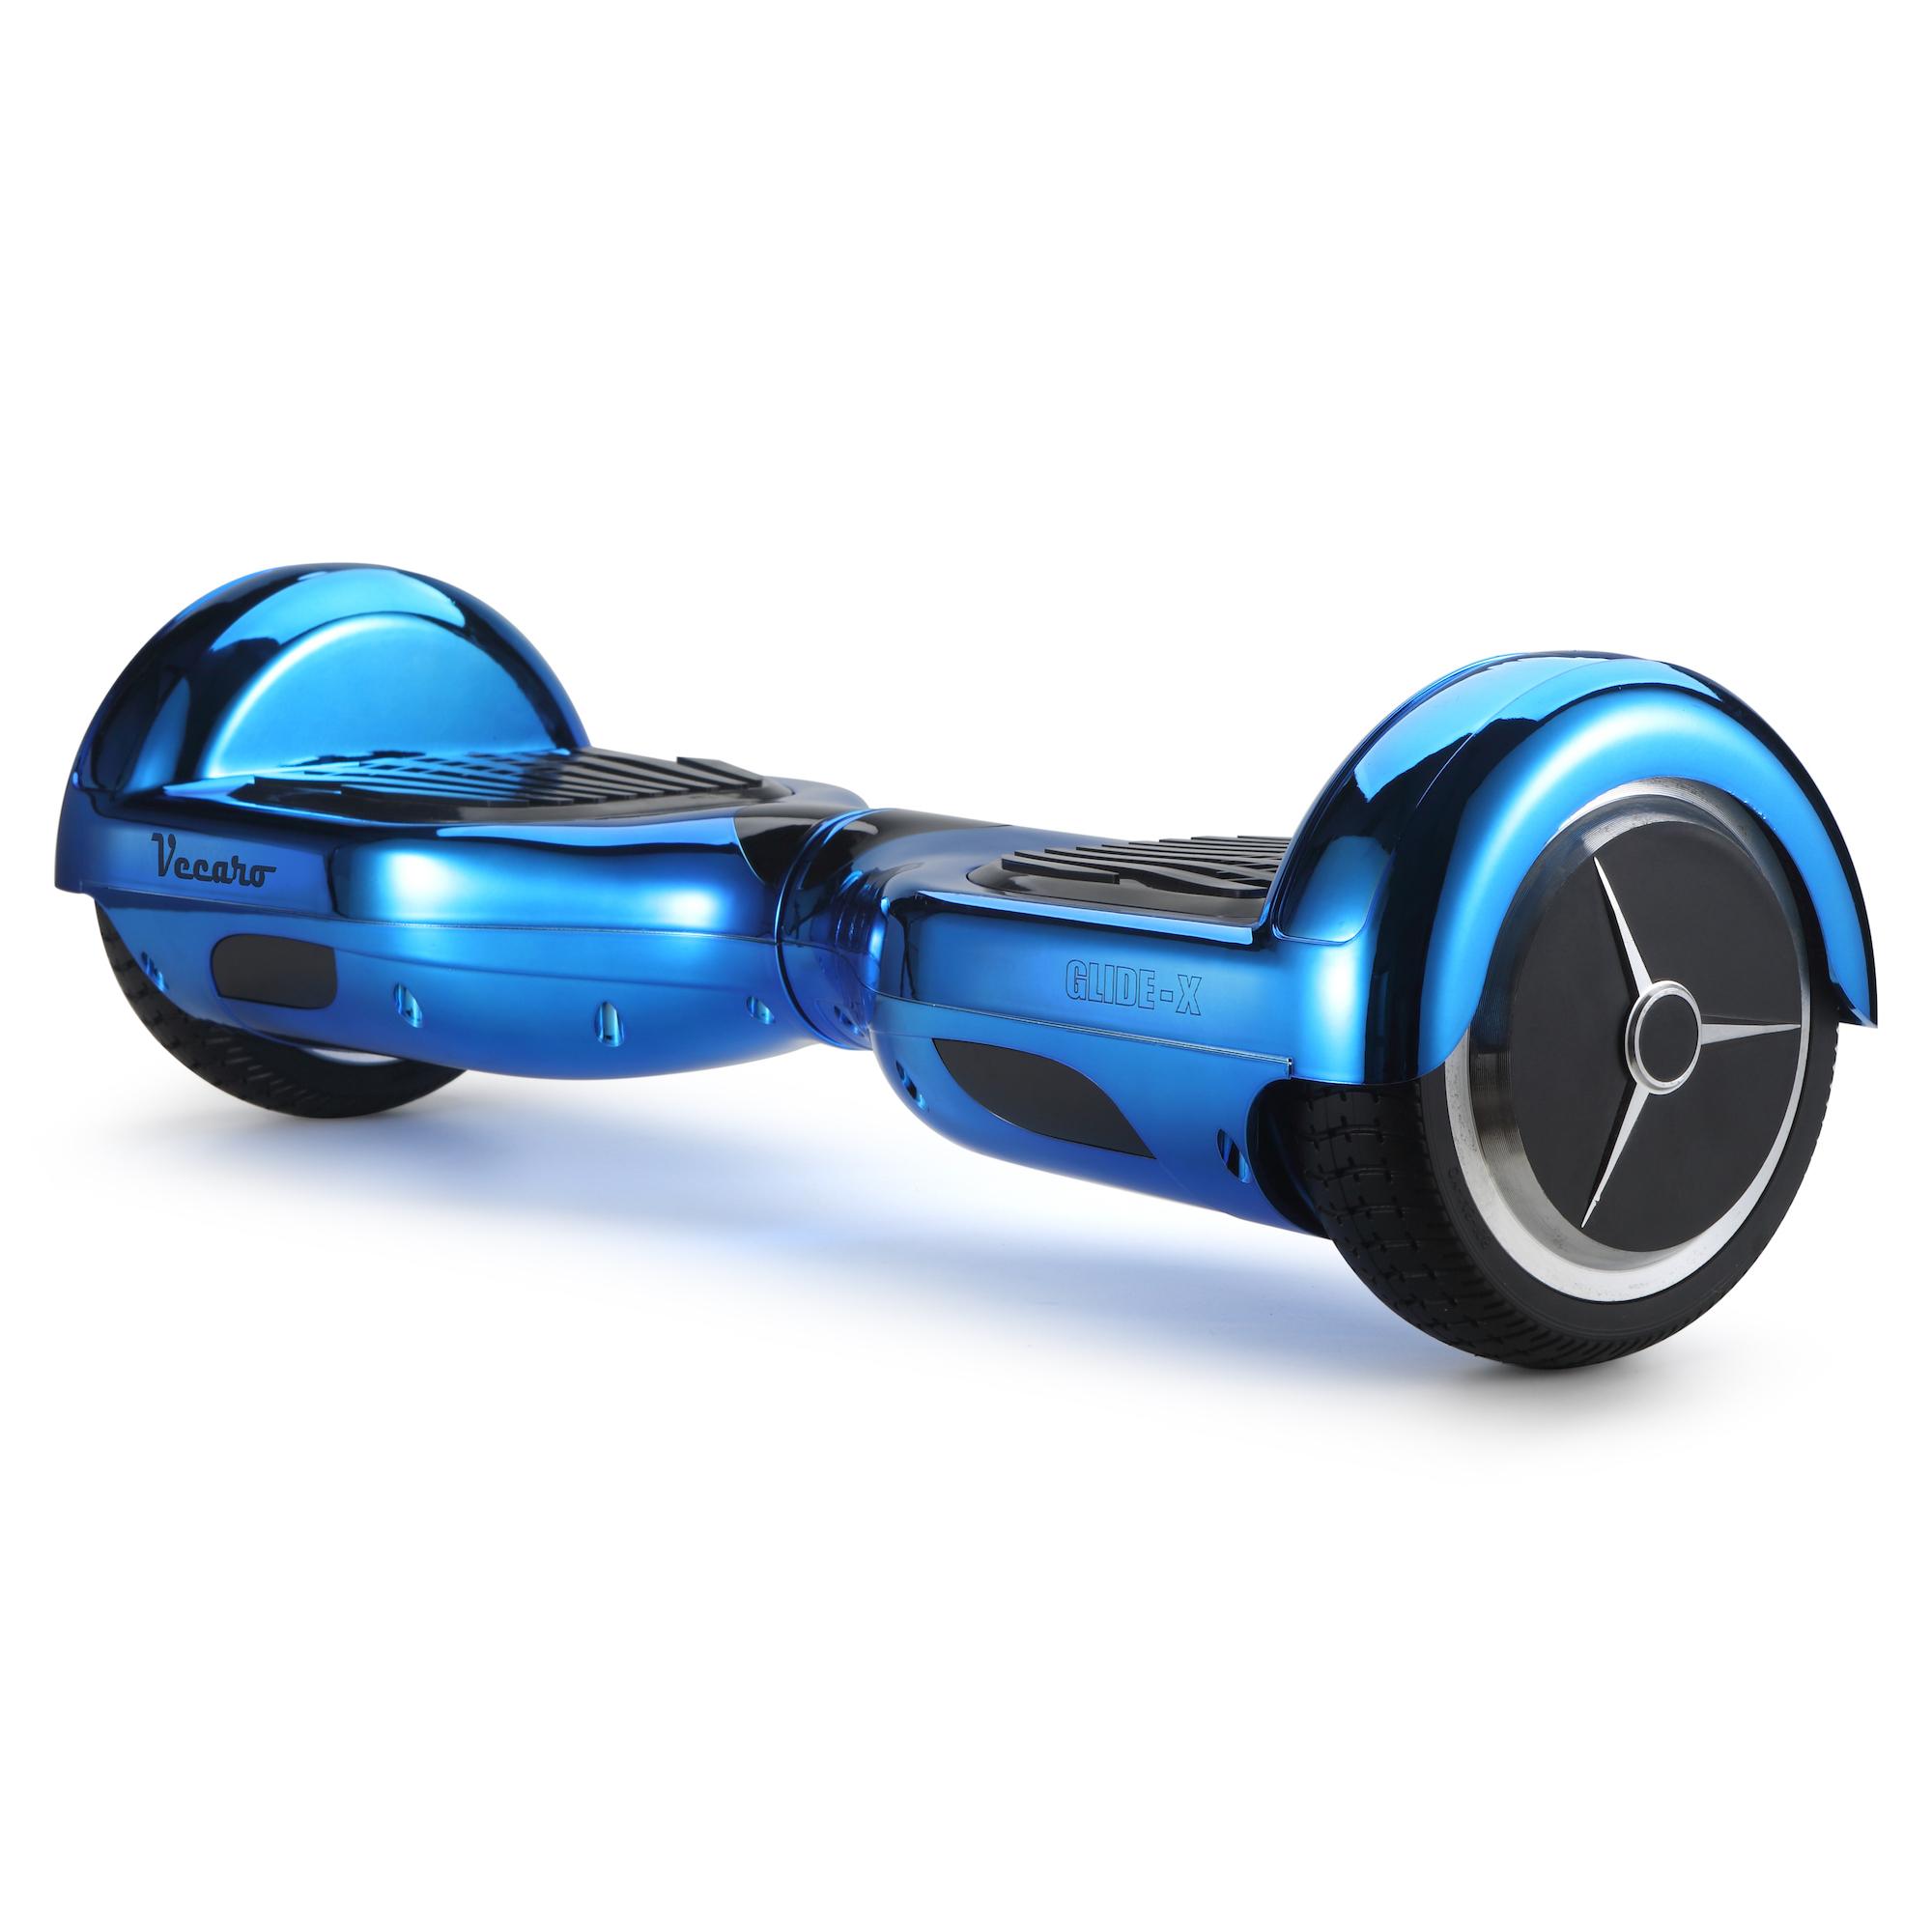 glide x hoverboard metallic blue. Black Bedroom Furniture Sets. Home Design Ideas